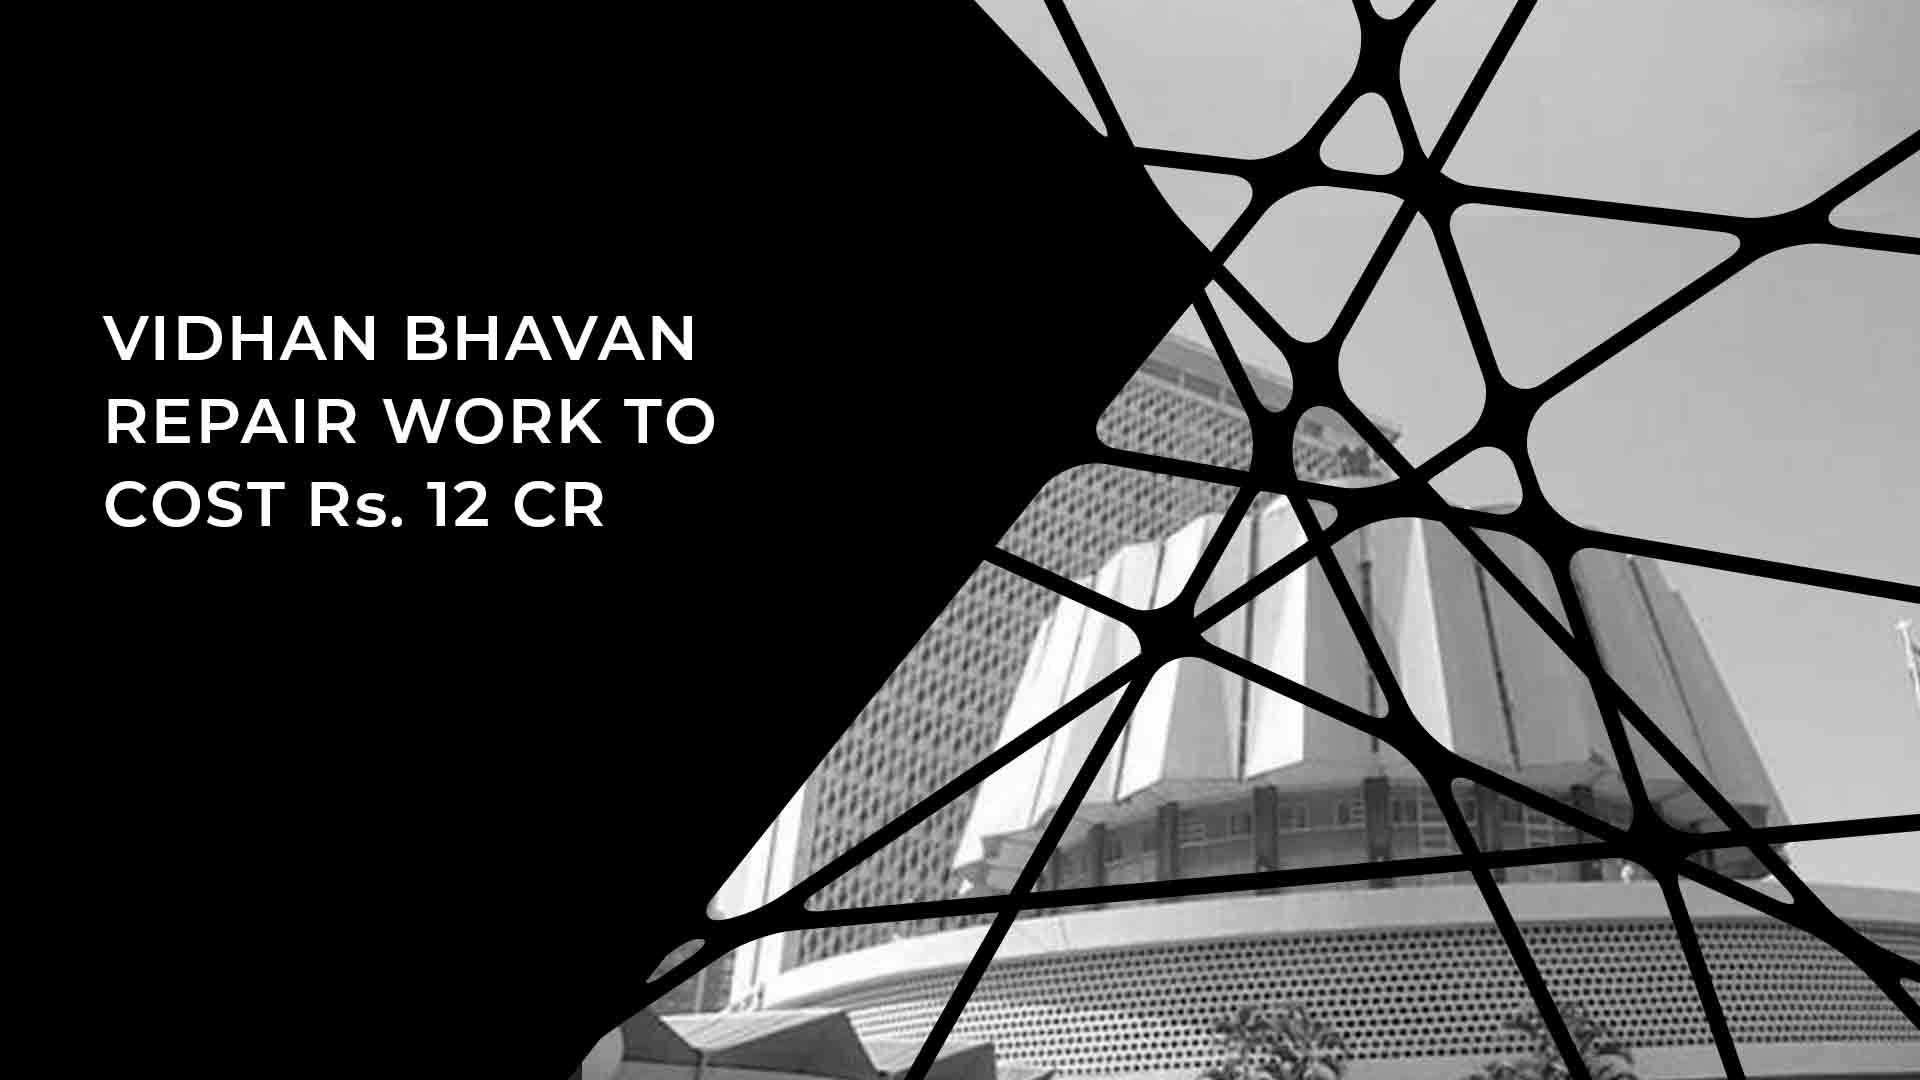 PWD Proposes To Repair Vidhan Bhavan Urgently